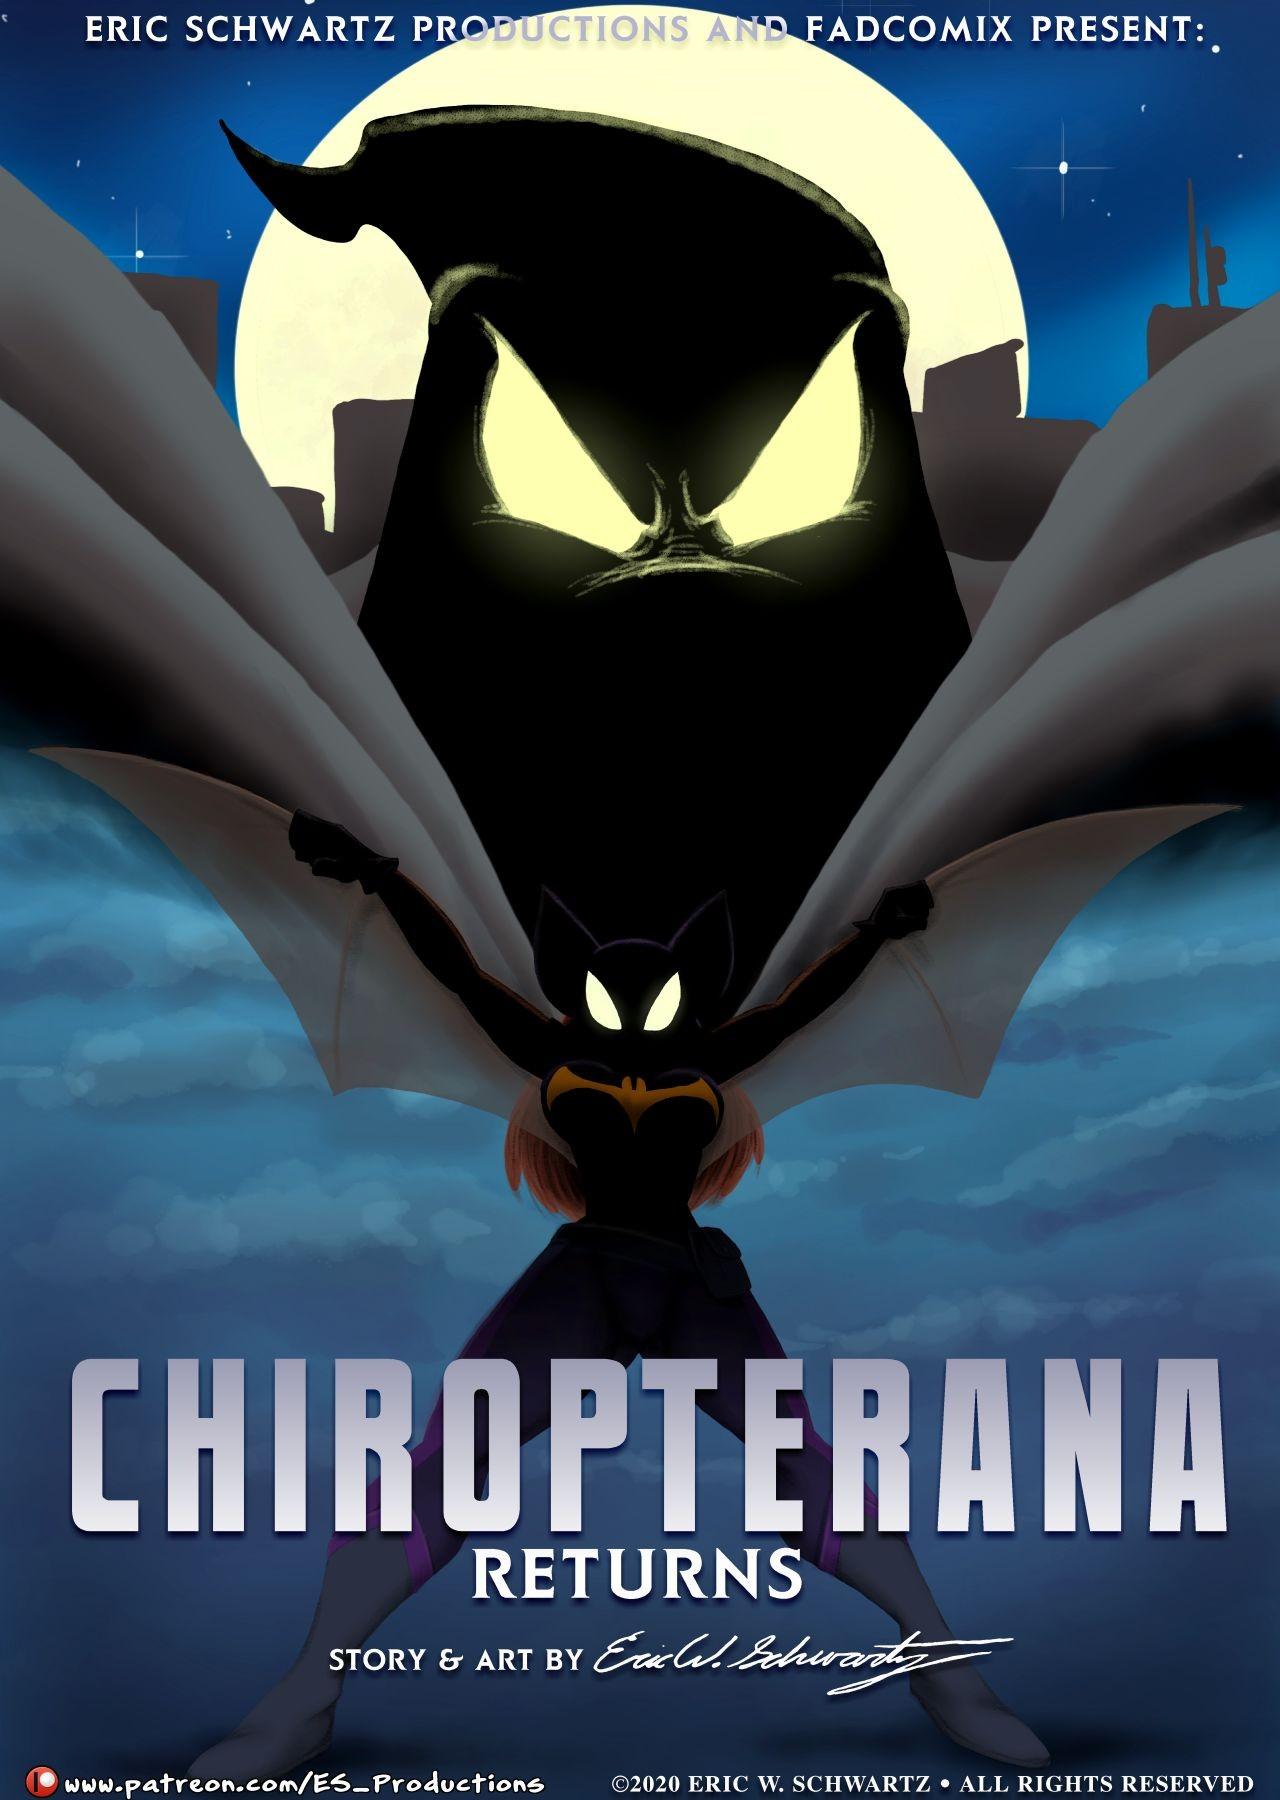 Eric W. Schwartz Chiropterana Returns 01